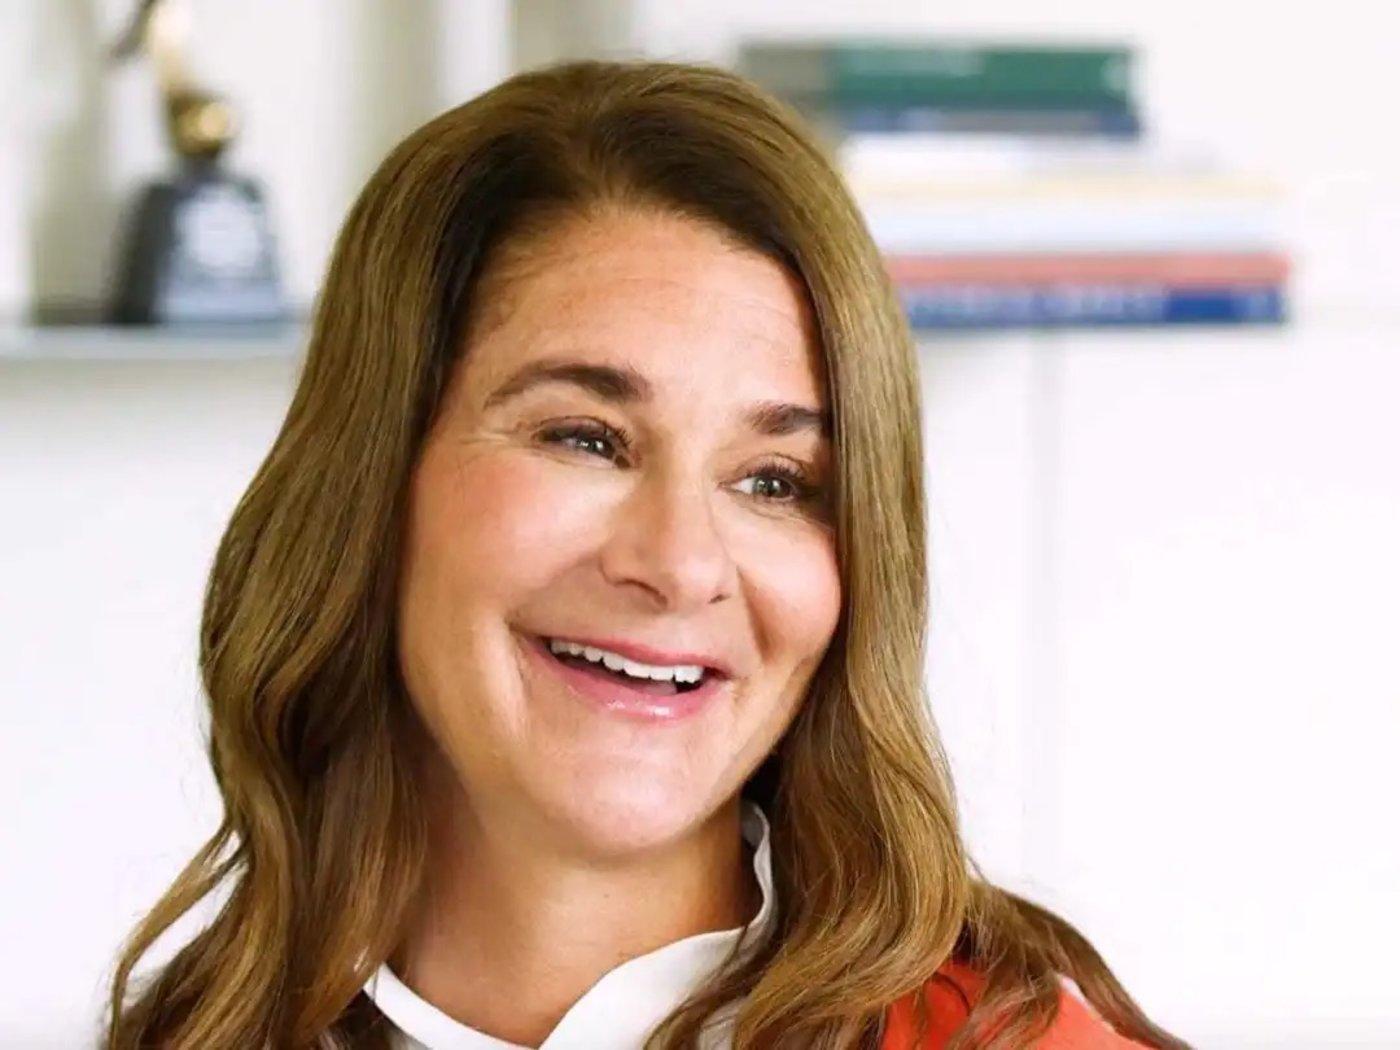 微软公司创始人比尔·盖茨(Melinda Gates)的妻子梅琳达·盖茨(Melinda Gates)